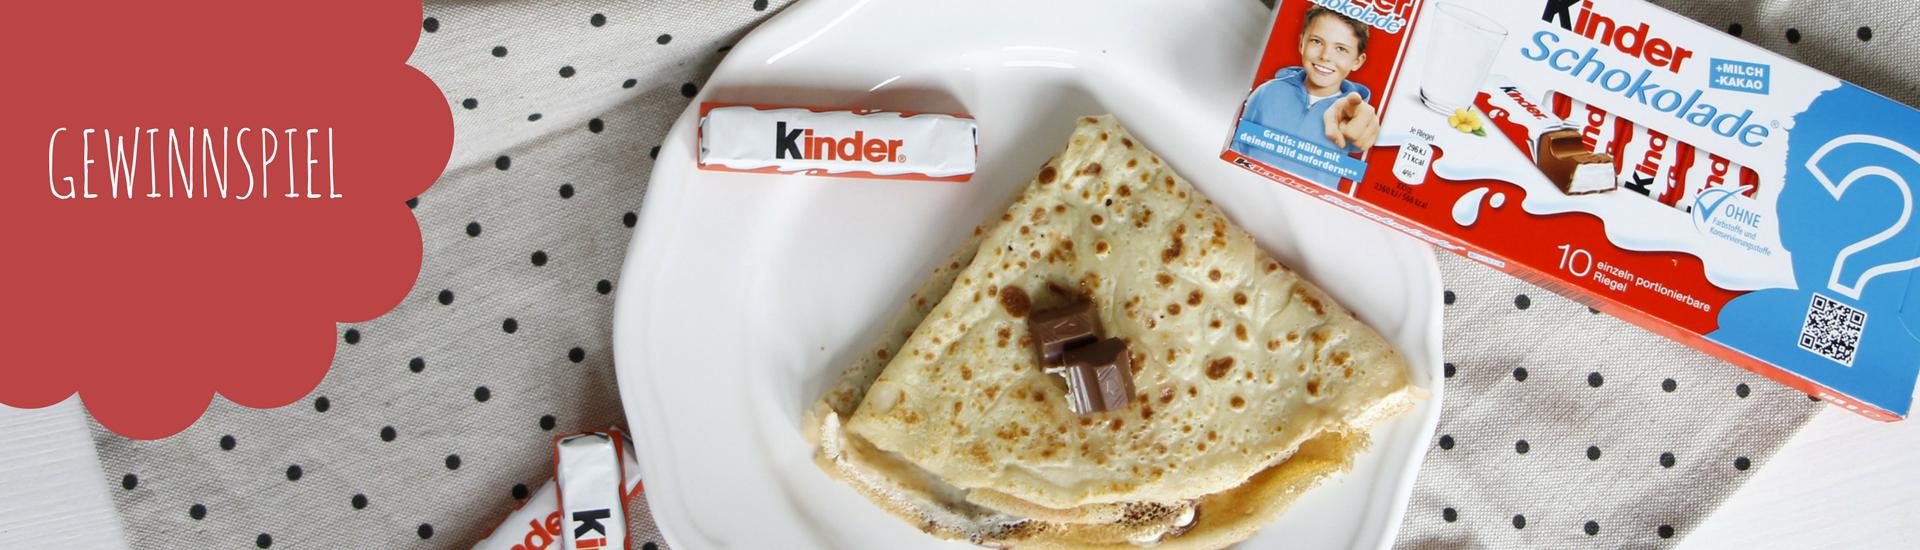 kinder Schokolade Gewinnspiel - kinder Schokolade Aktionspackung kaufen